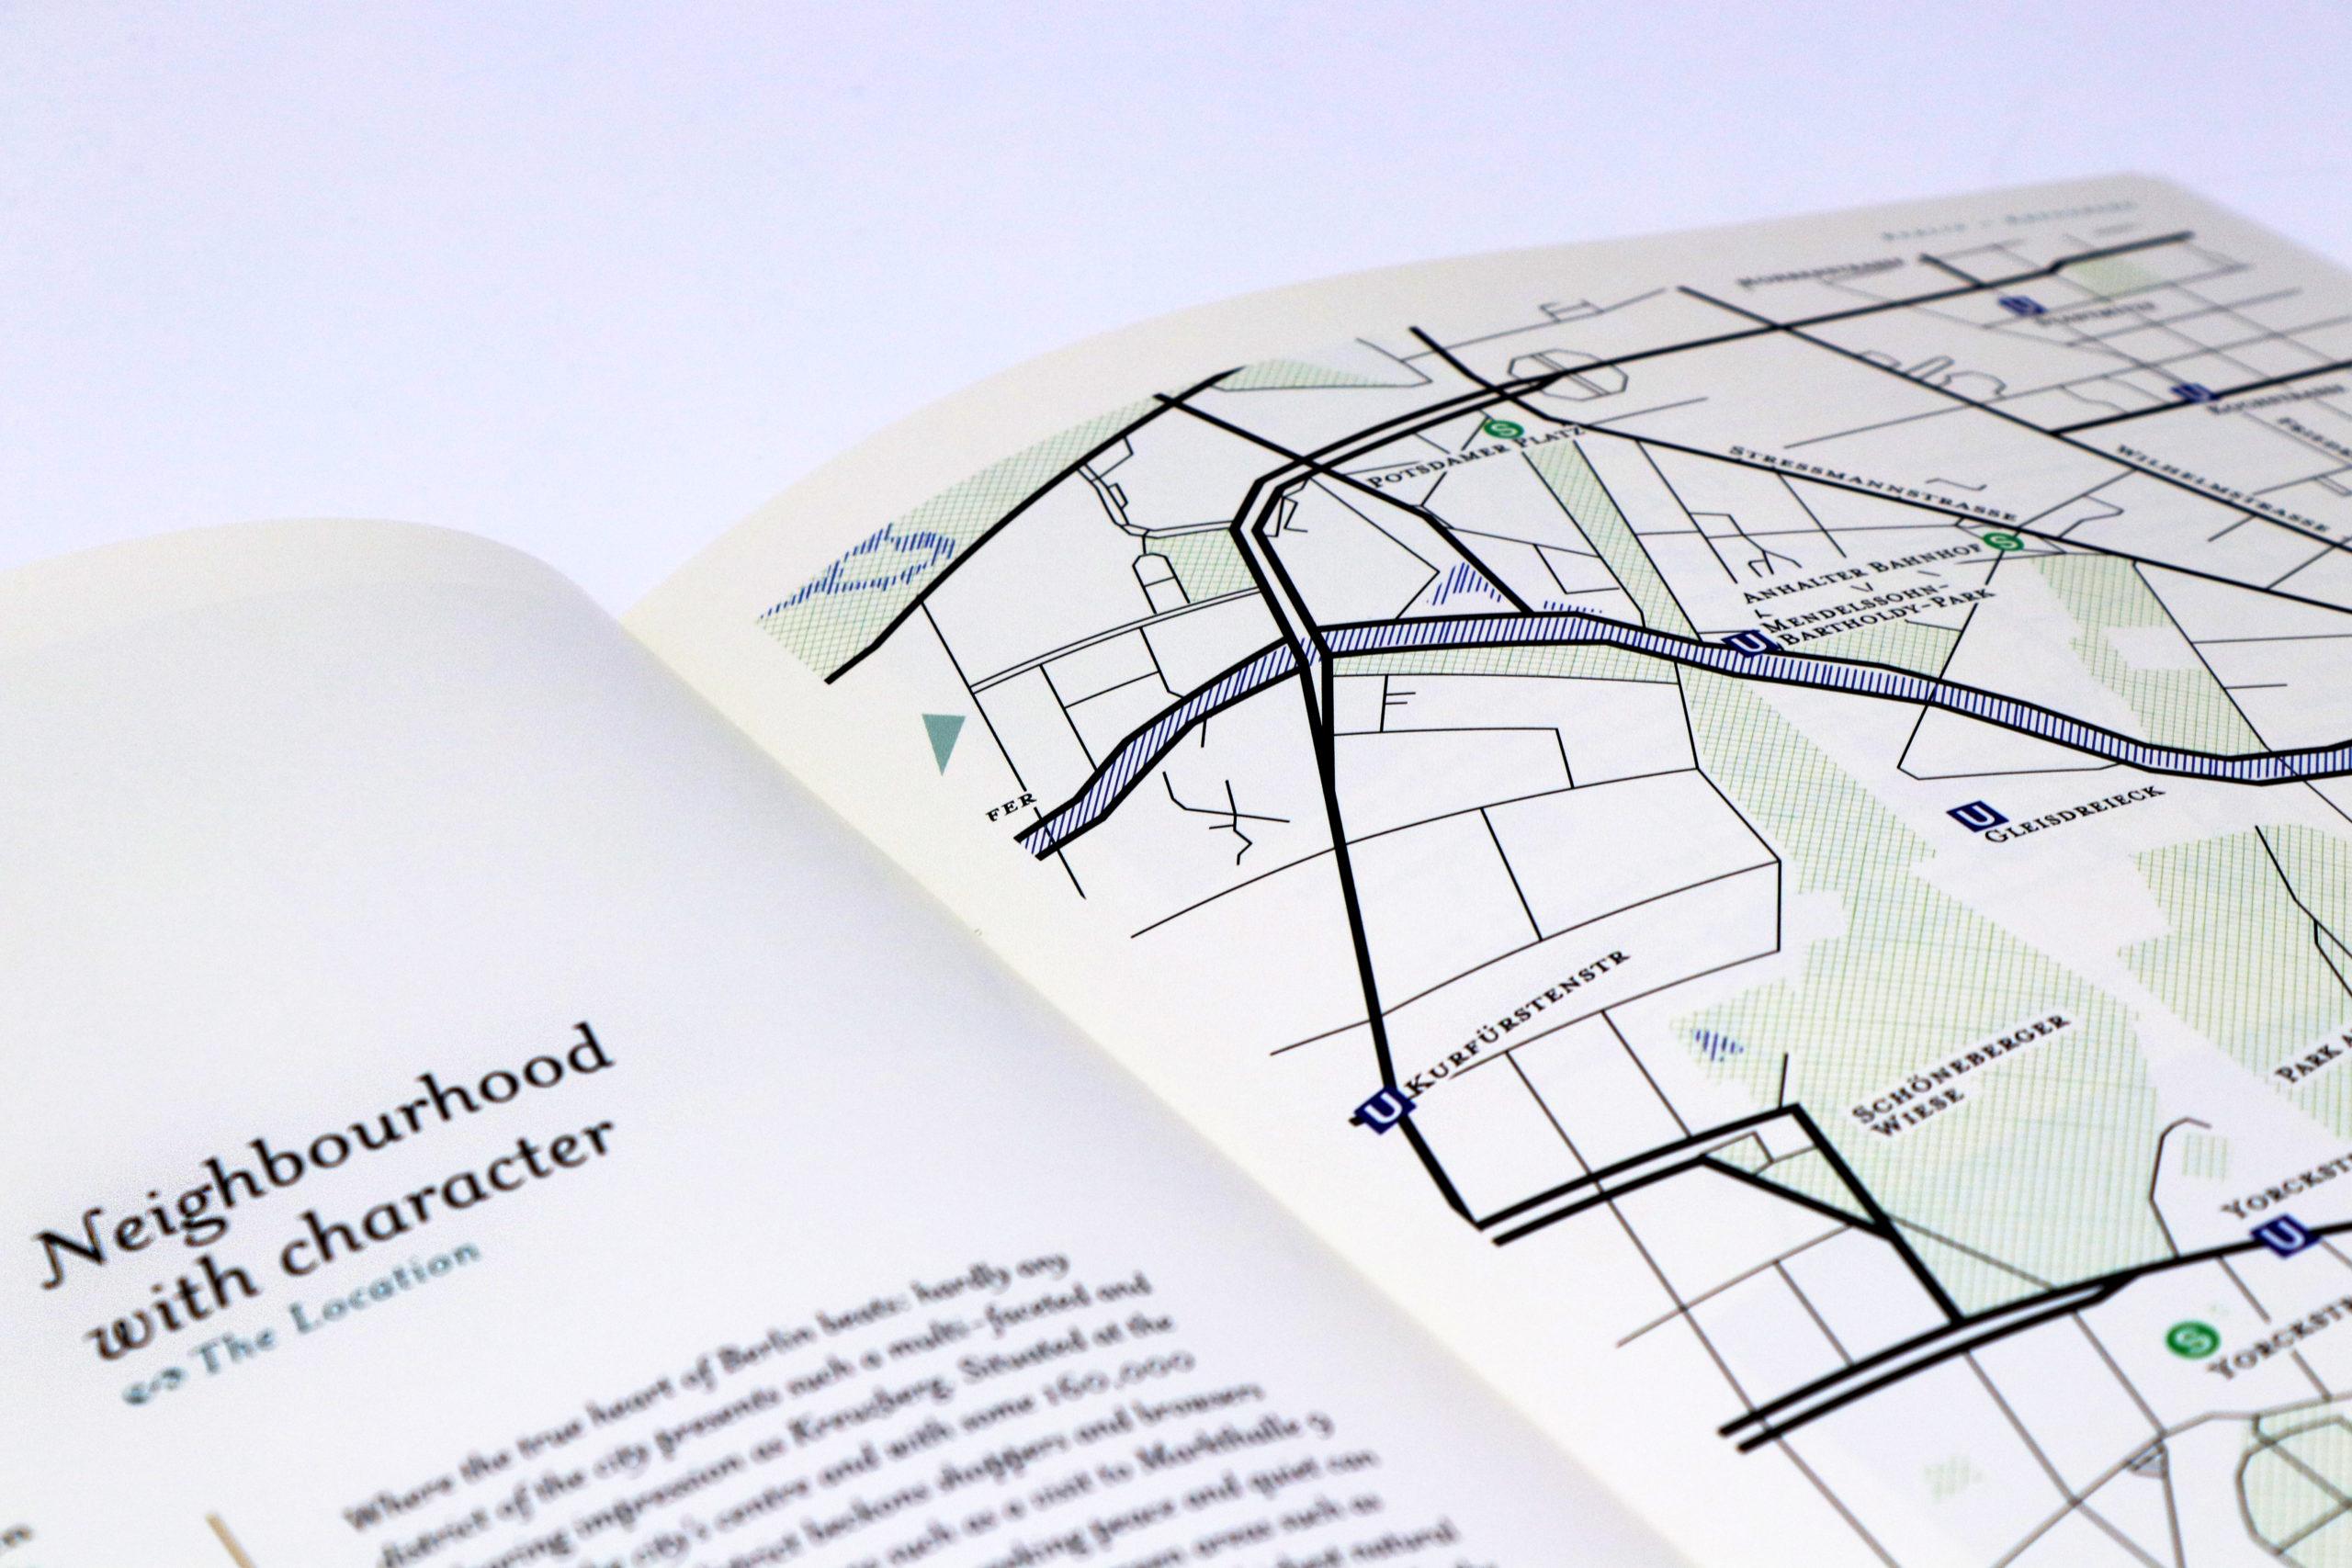 Corporate-Design-Trendcity-Immobilien-Broschüren-Yorckstrasse-6